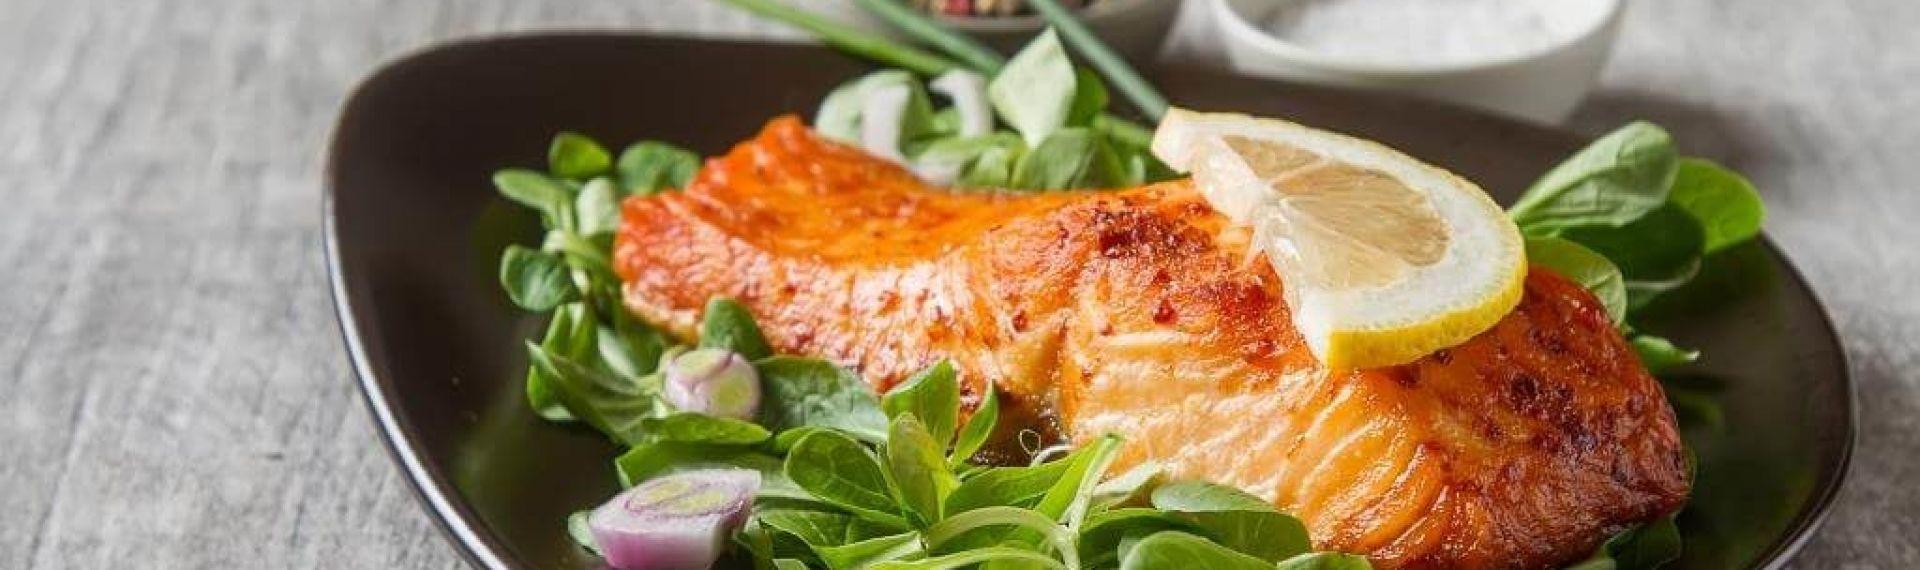 Стейк из лосося: польза красной рыбы